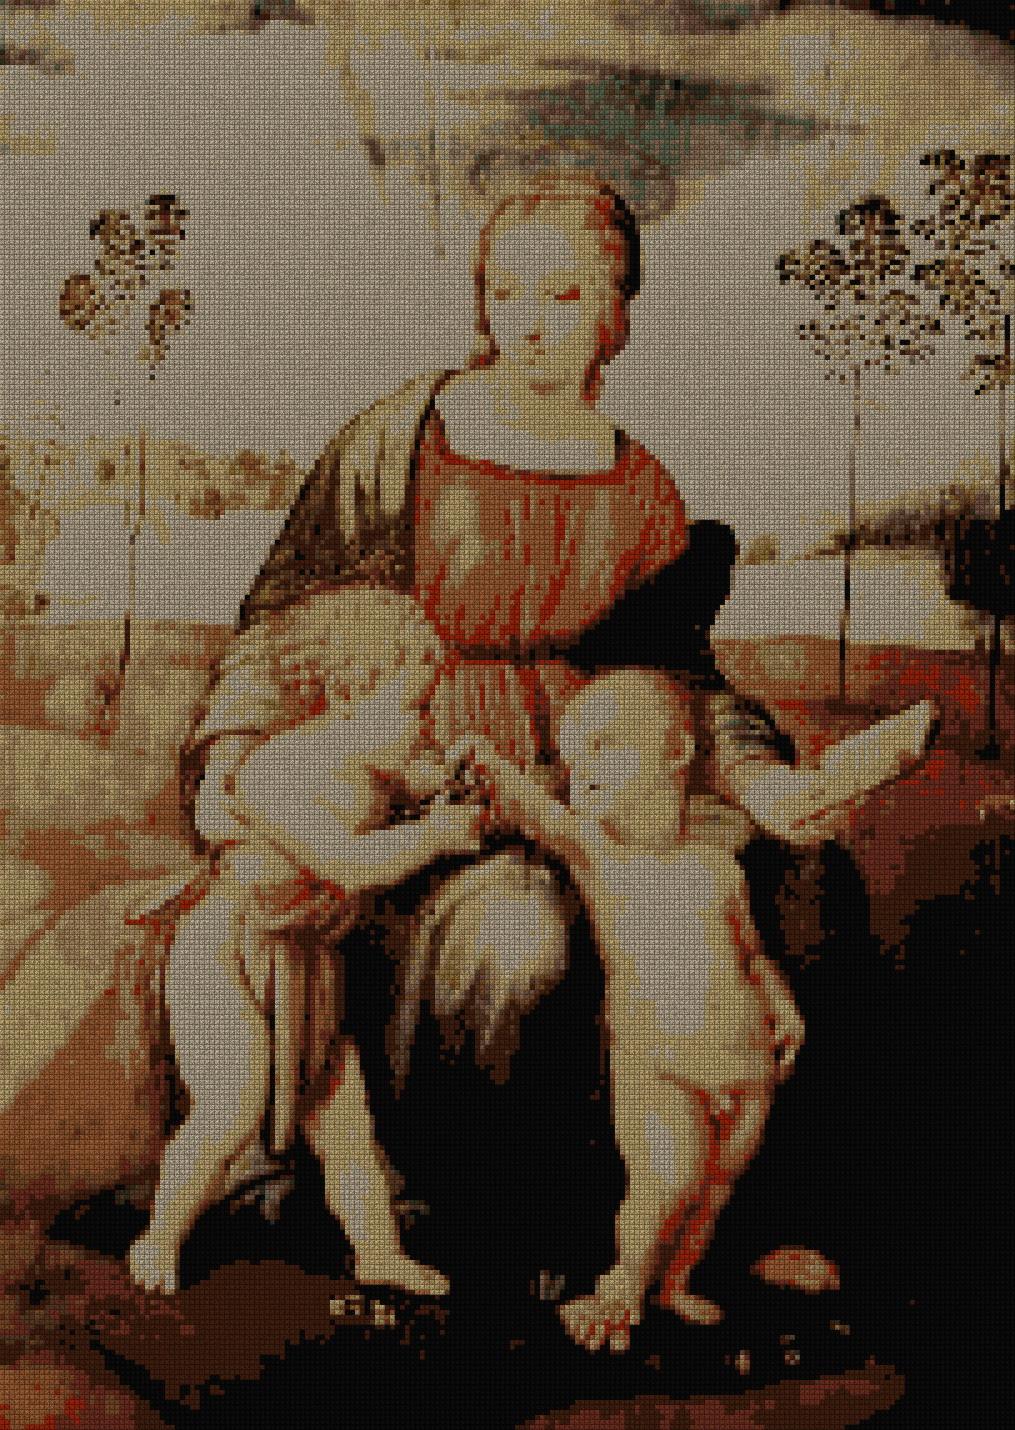 pittori_classici/raffaello/Raffaello19s.jpg